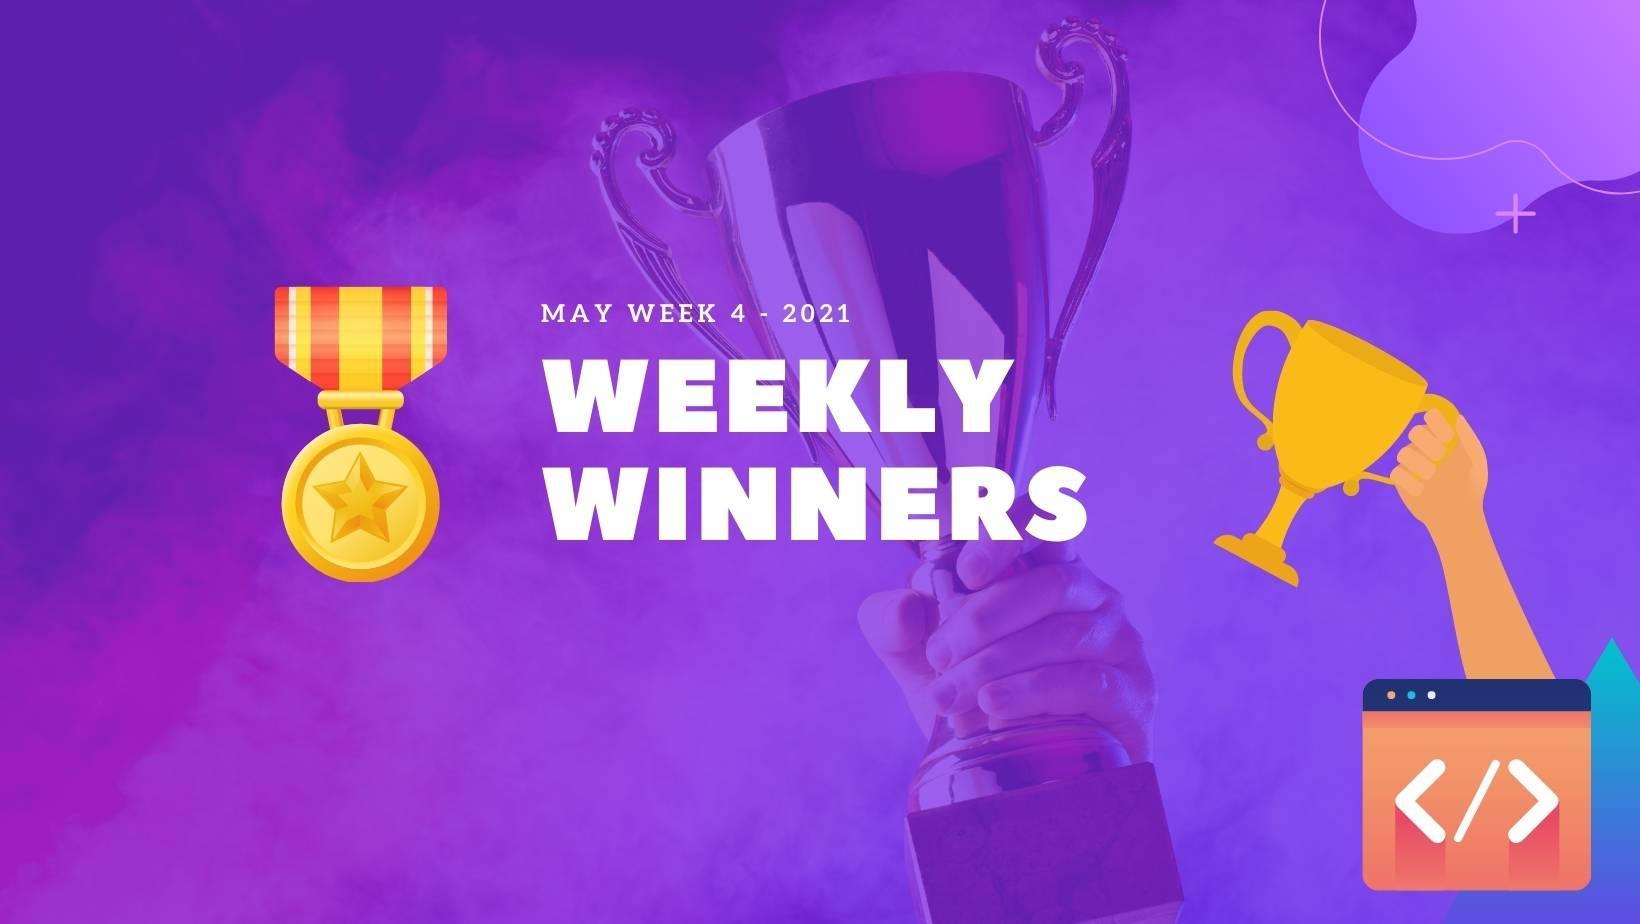 DevDojo Weekly Winners Week 4 May 2021